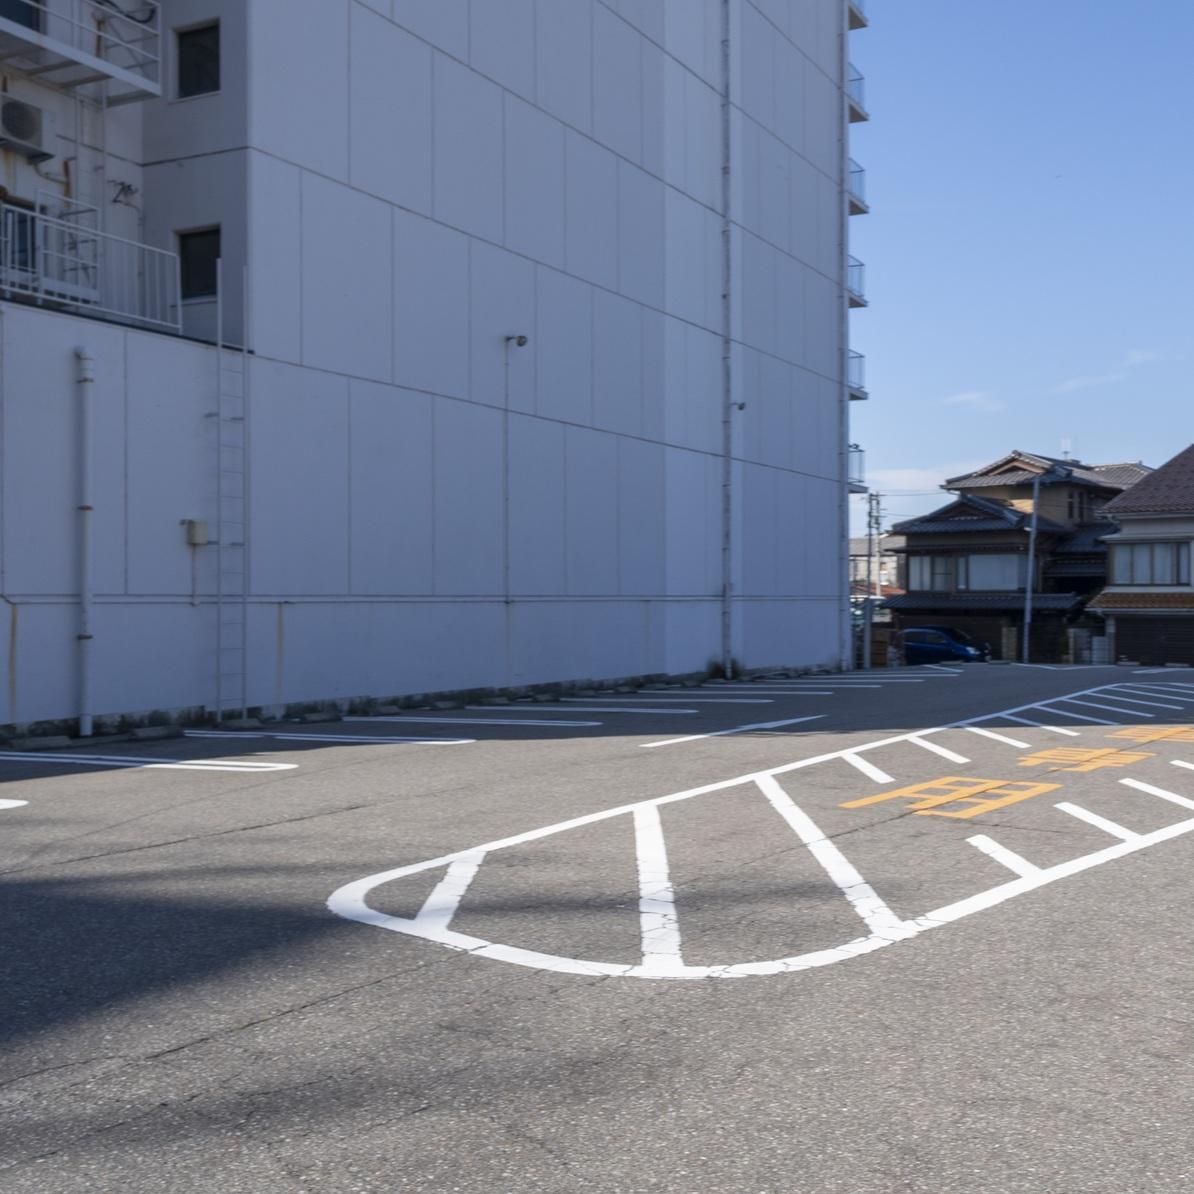 隣接の平面駐車場・大型車は真ん中のゼブラゾーンで予約制です。